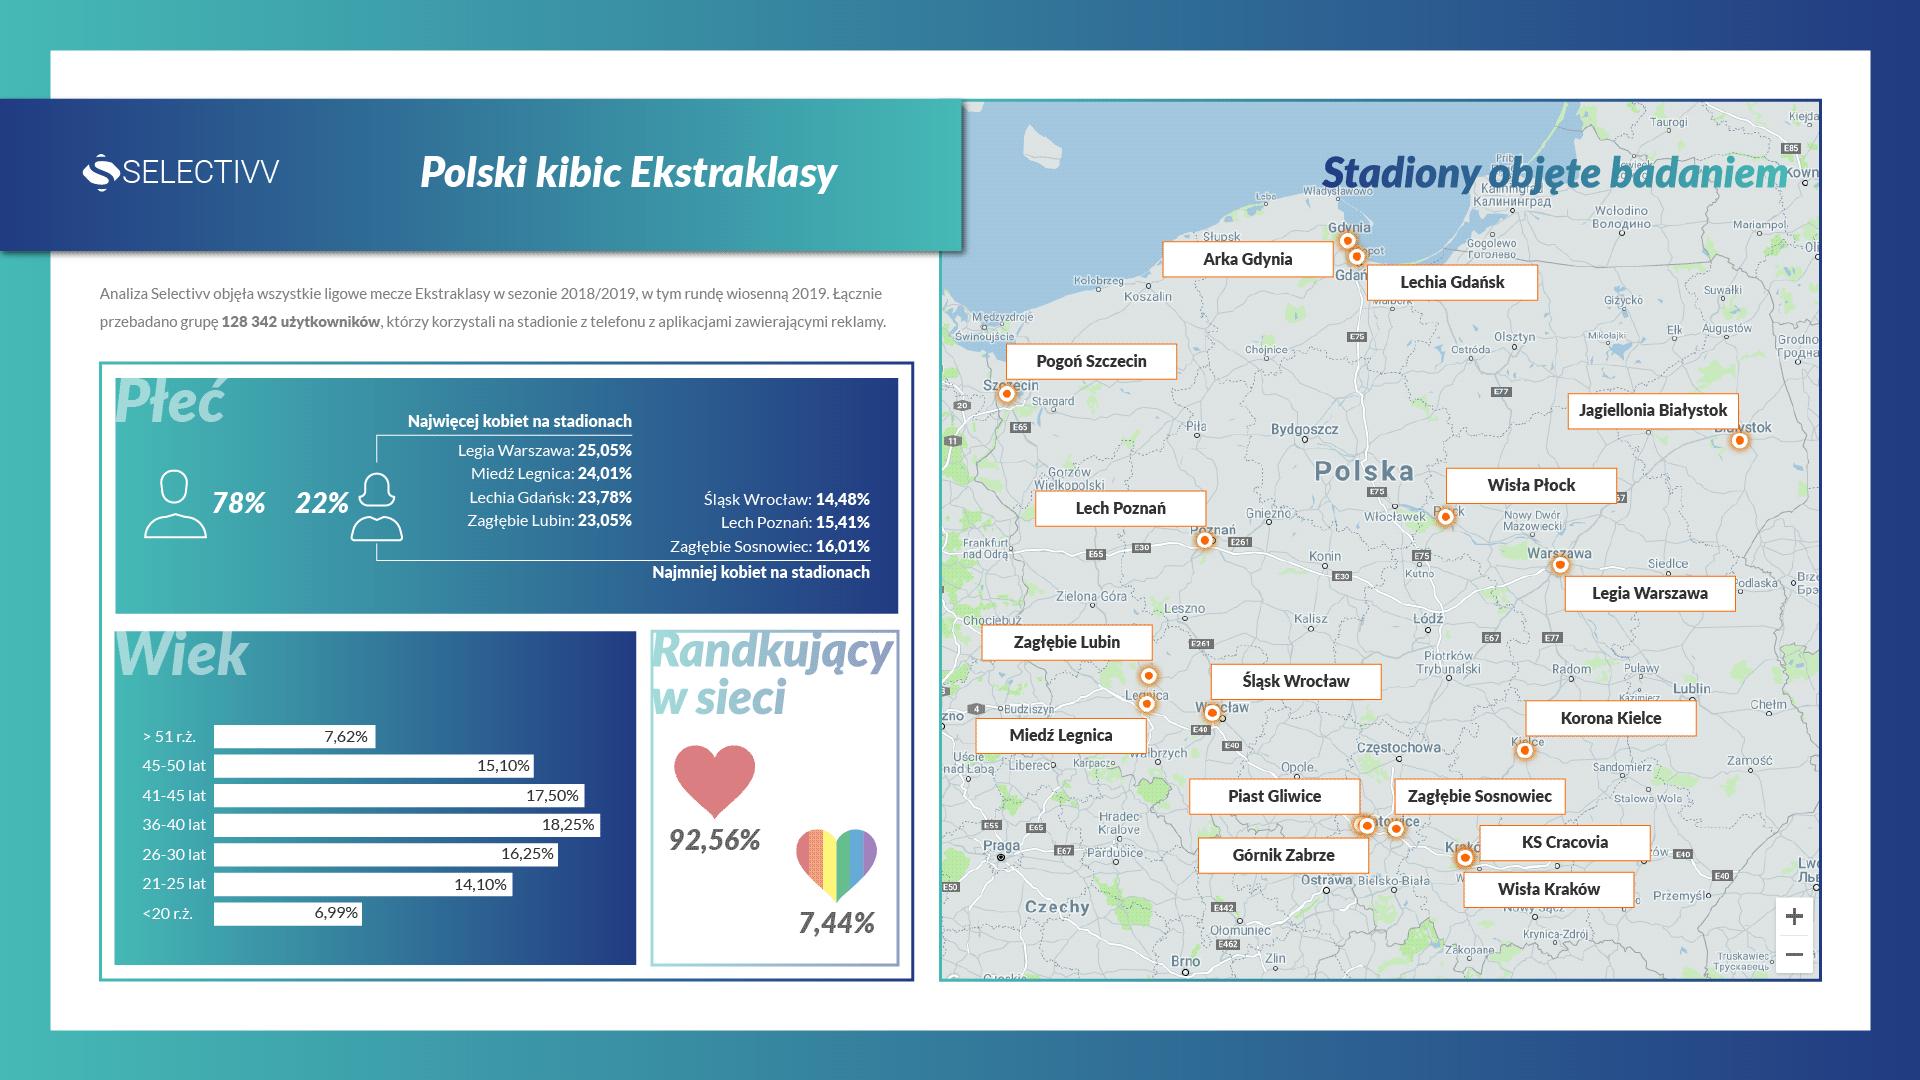 Profil polskiego kibica Ekstraklasy – kim jest, ile ma lat i z kim flirtuje przez internet?